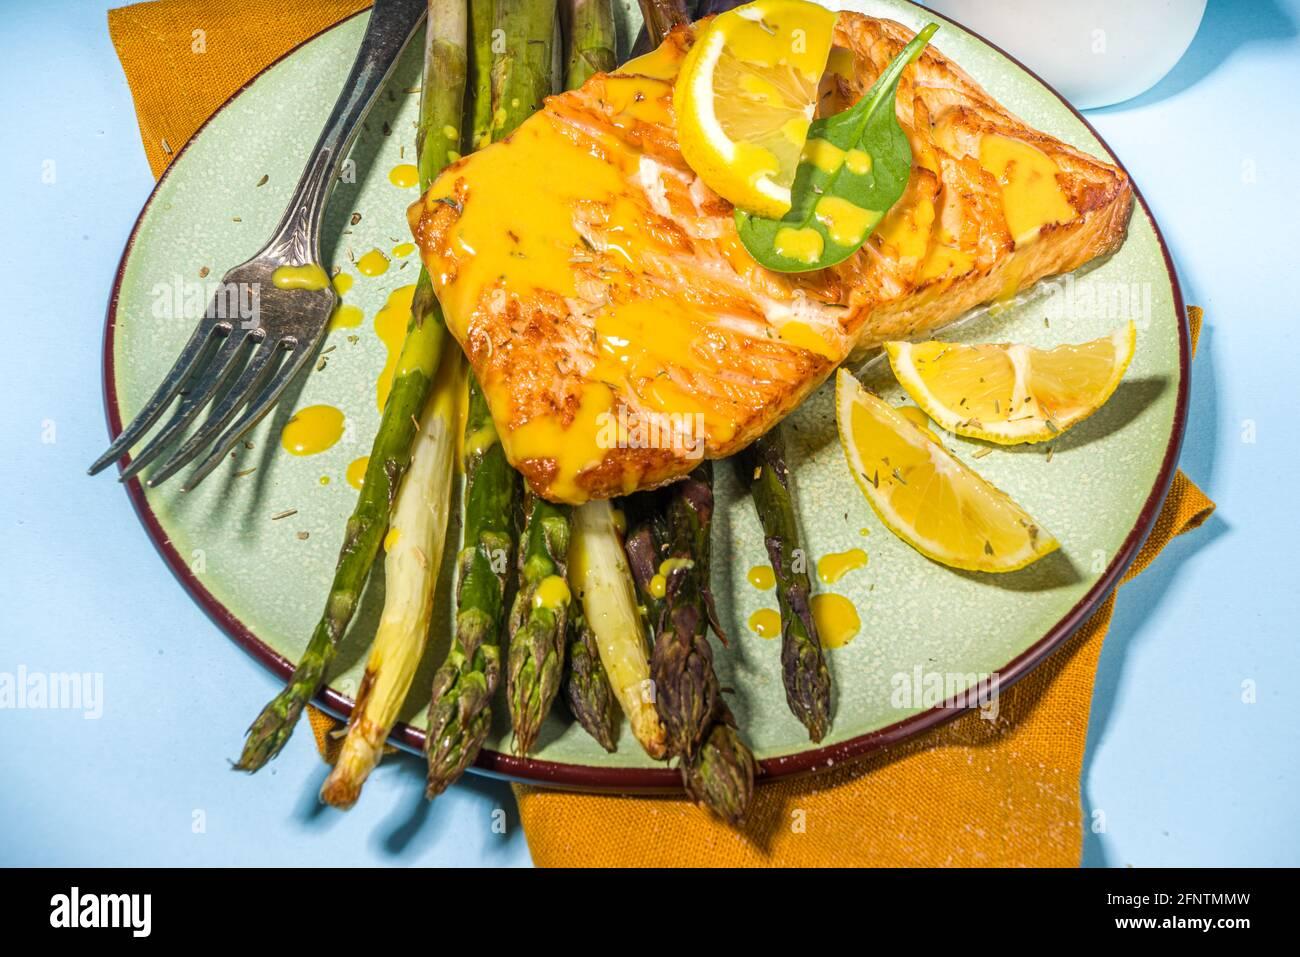 Nourriture saine végétalienne, recette de keto régime, steak de saumon grillé cuit avec asperges vertes, blanches, pourpres, bleu clair soleil éclairé arrière-plan vue du dessus Banque D'Images